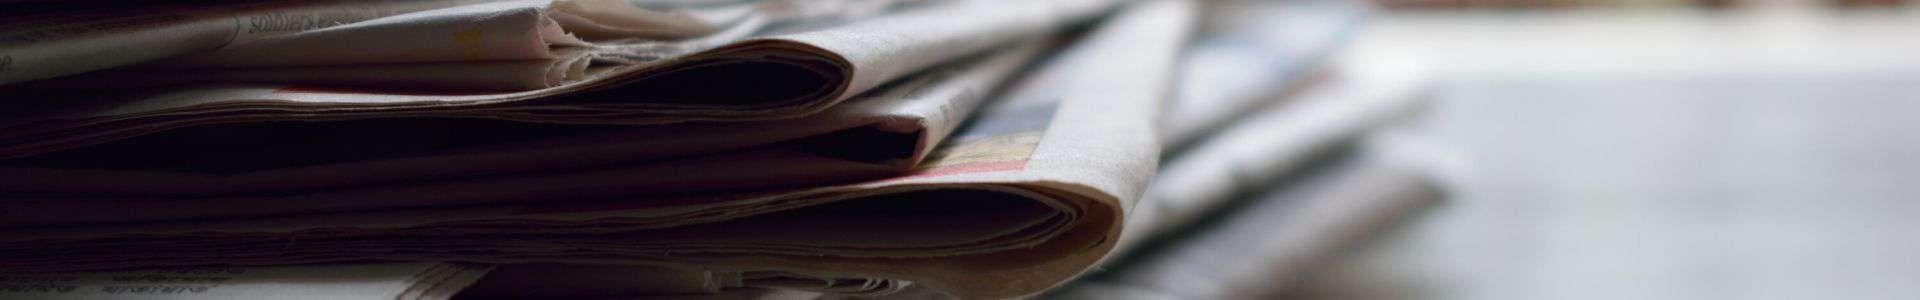 Actualités Internationales: Toutes Les Nouvelles